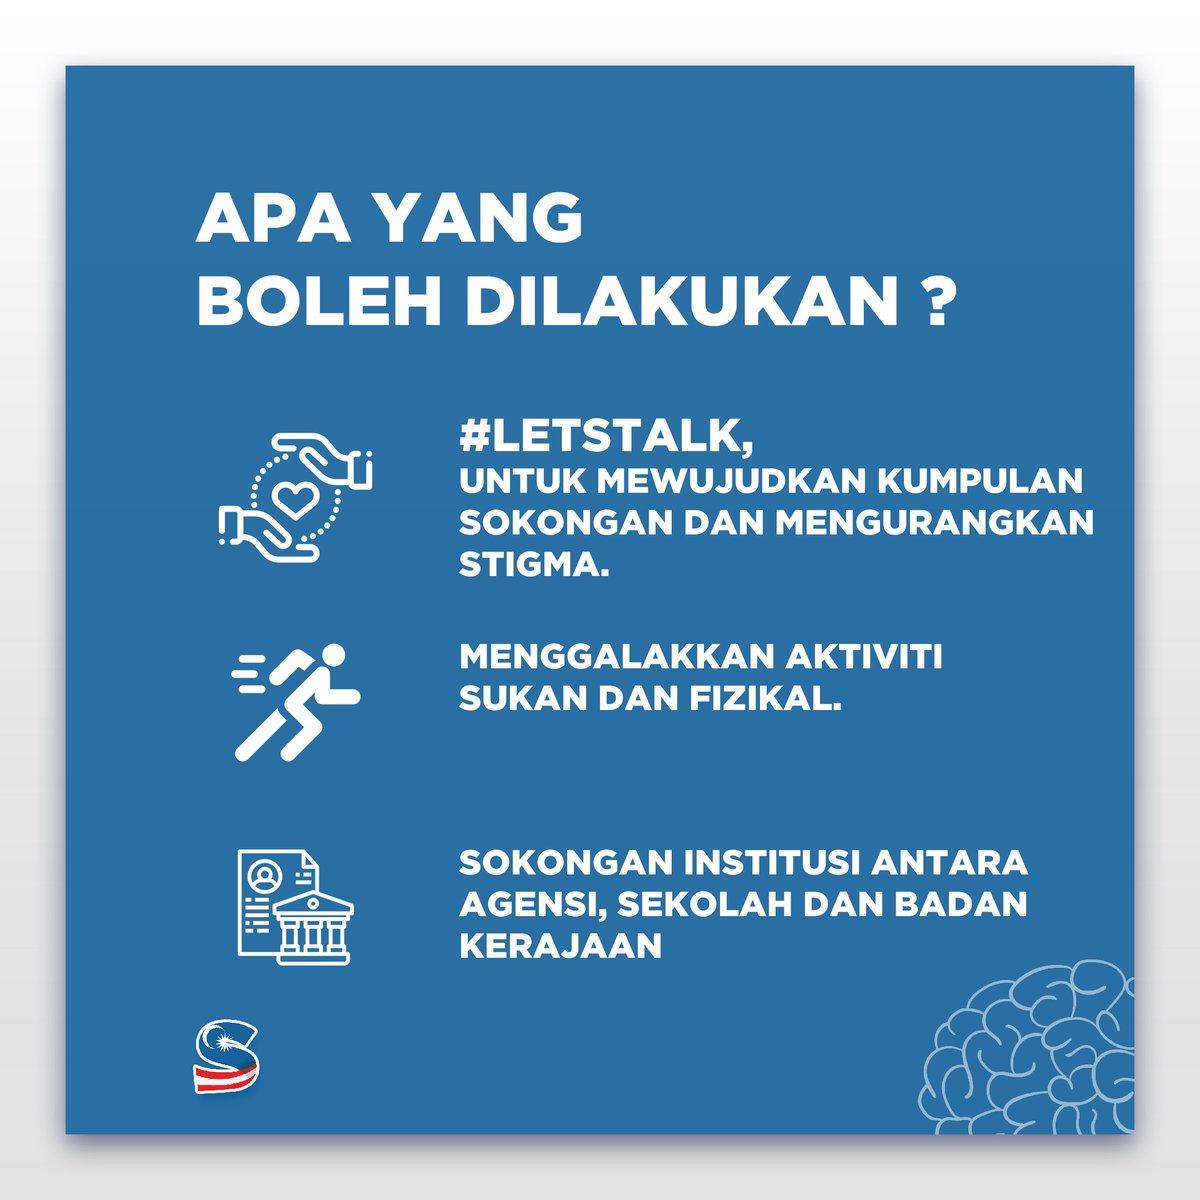 4. Apa Yang Boleh Kita Lakukan?   #areyouokay #Letstalk